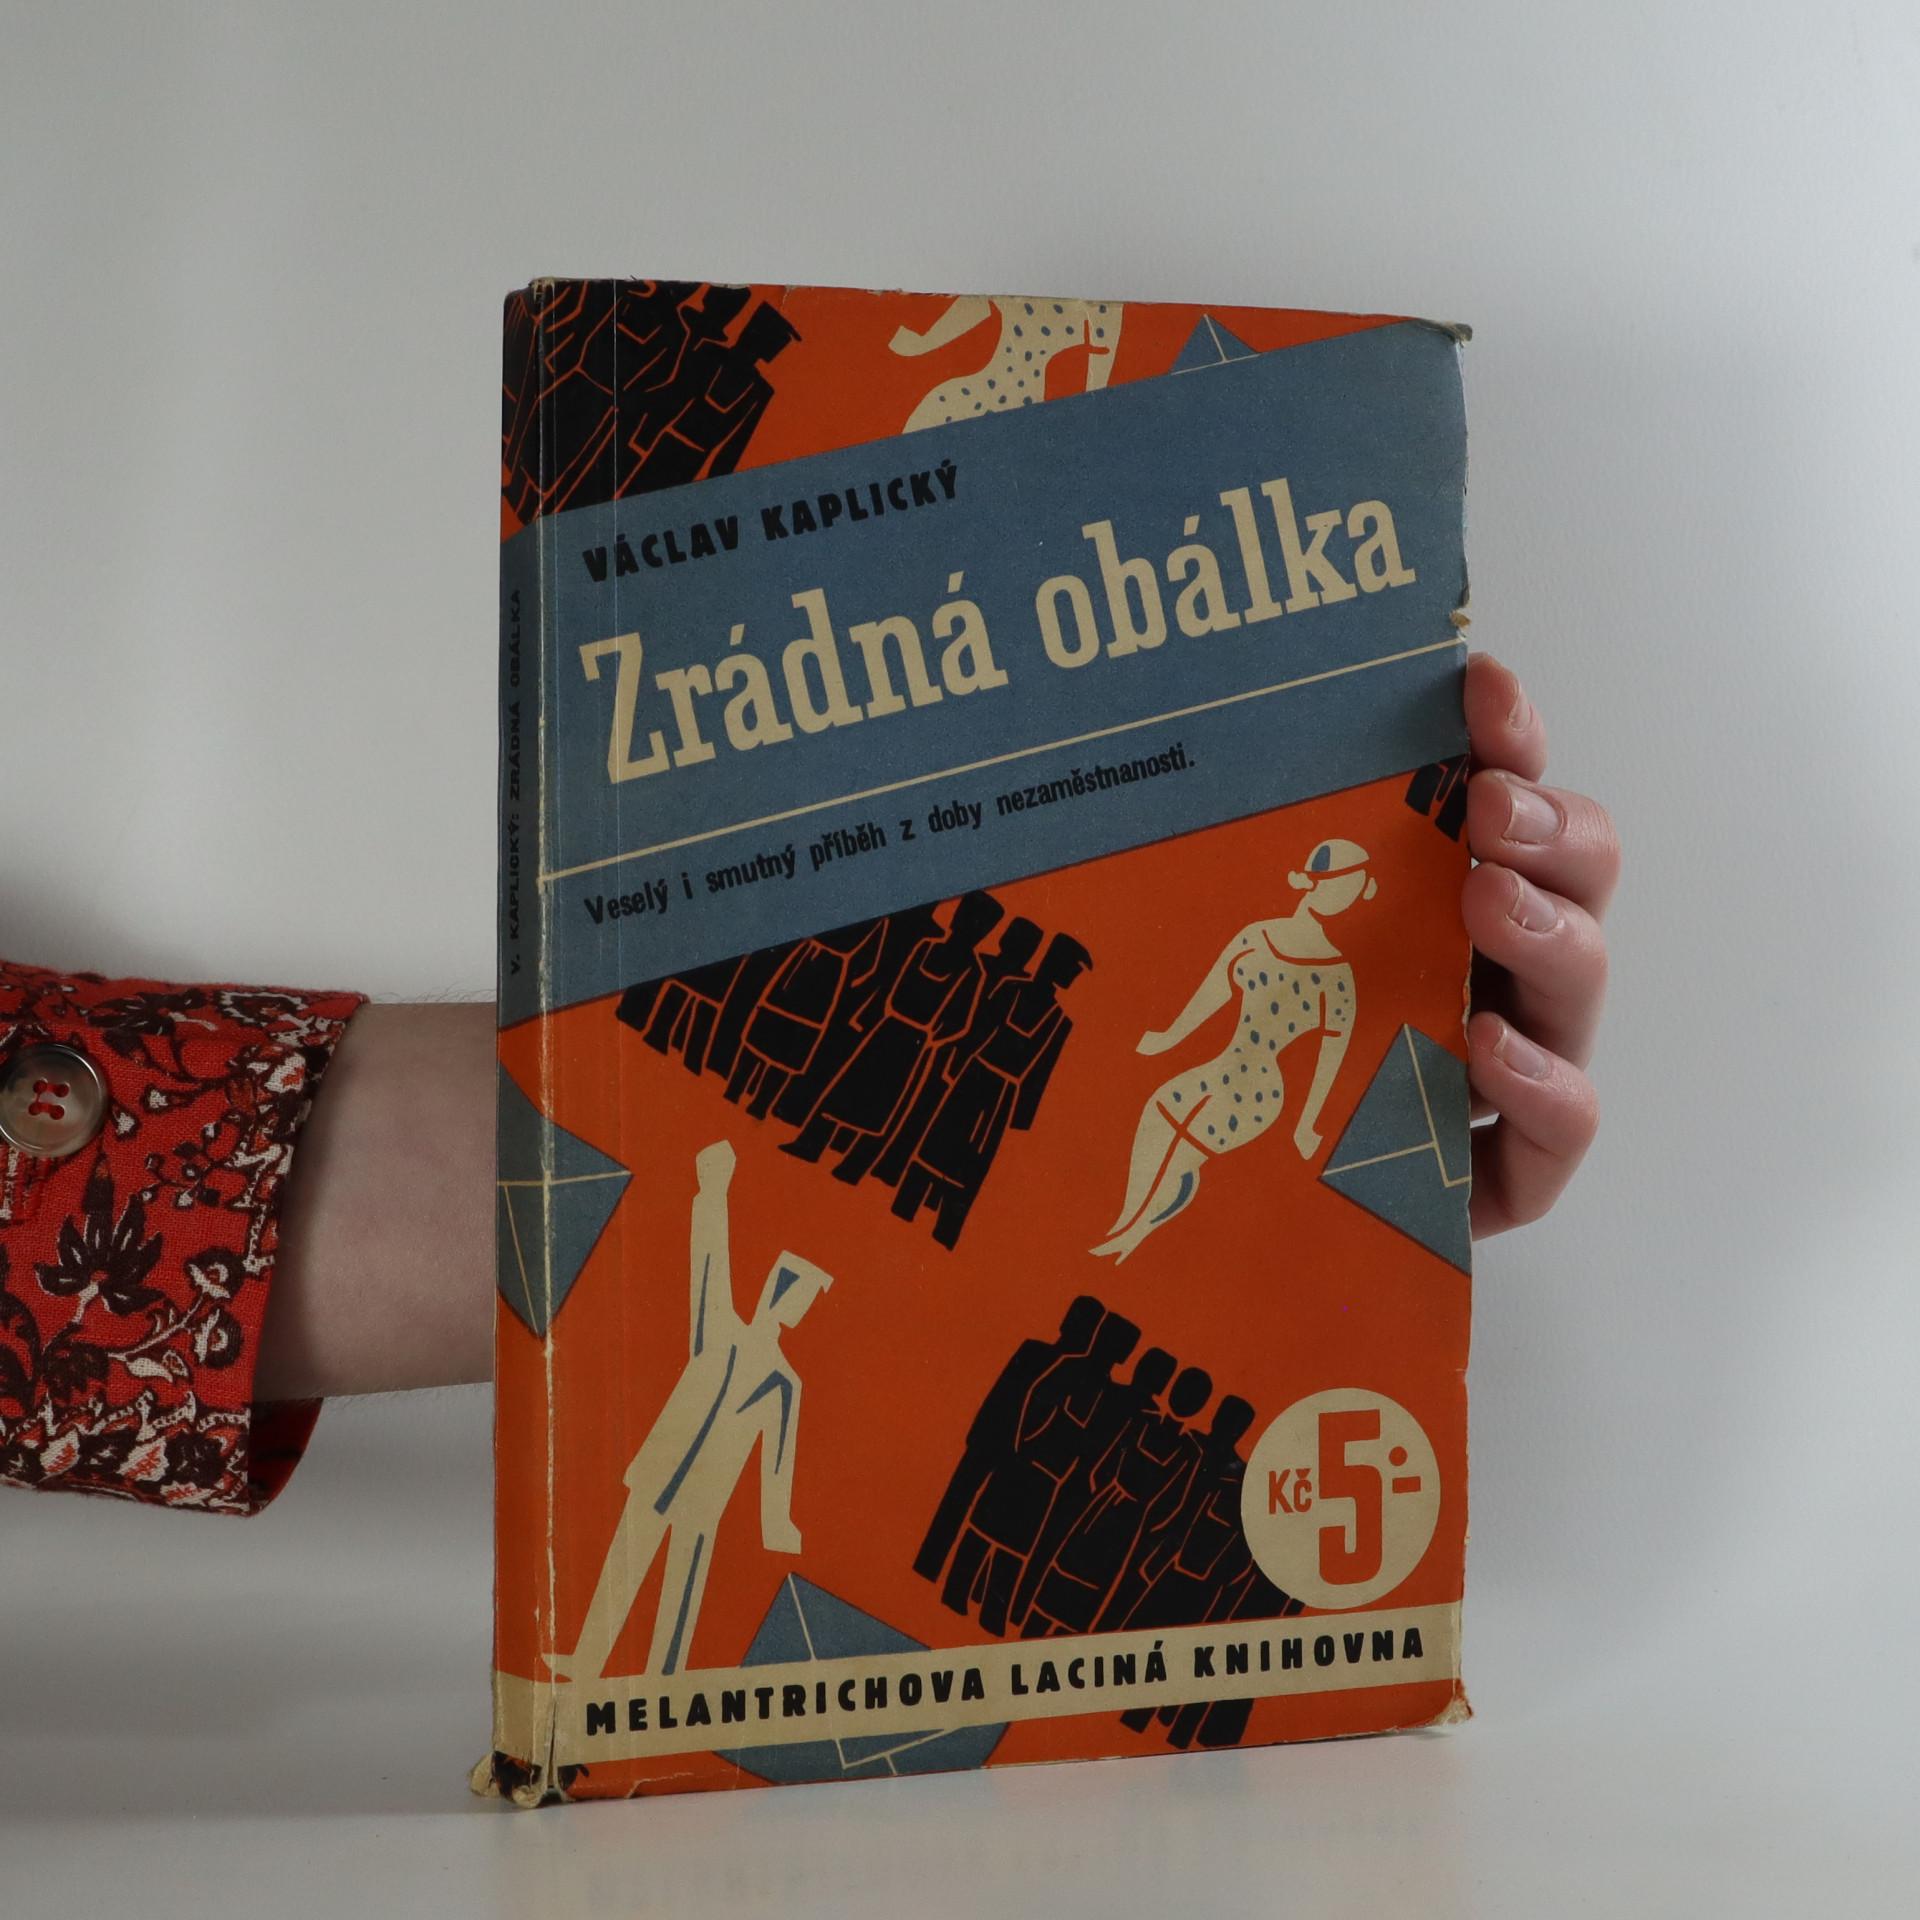 antikvární kniha Zrádná obálka, 1938